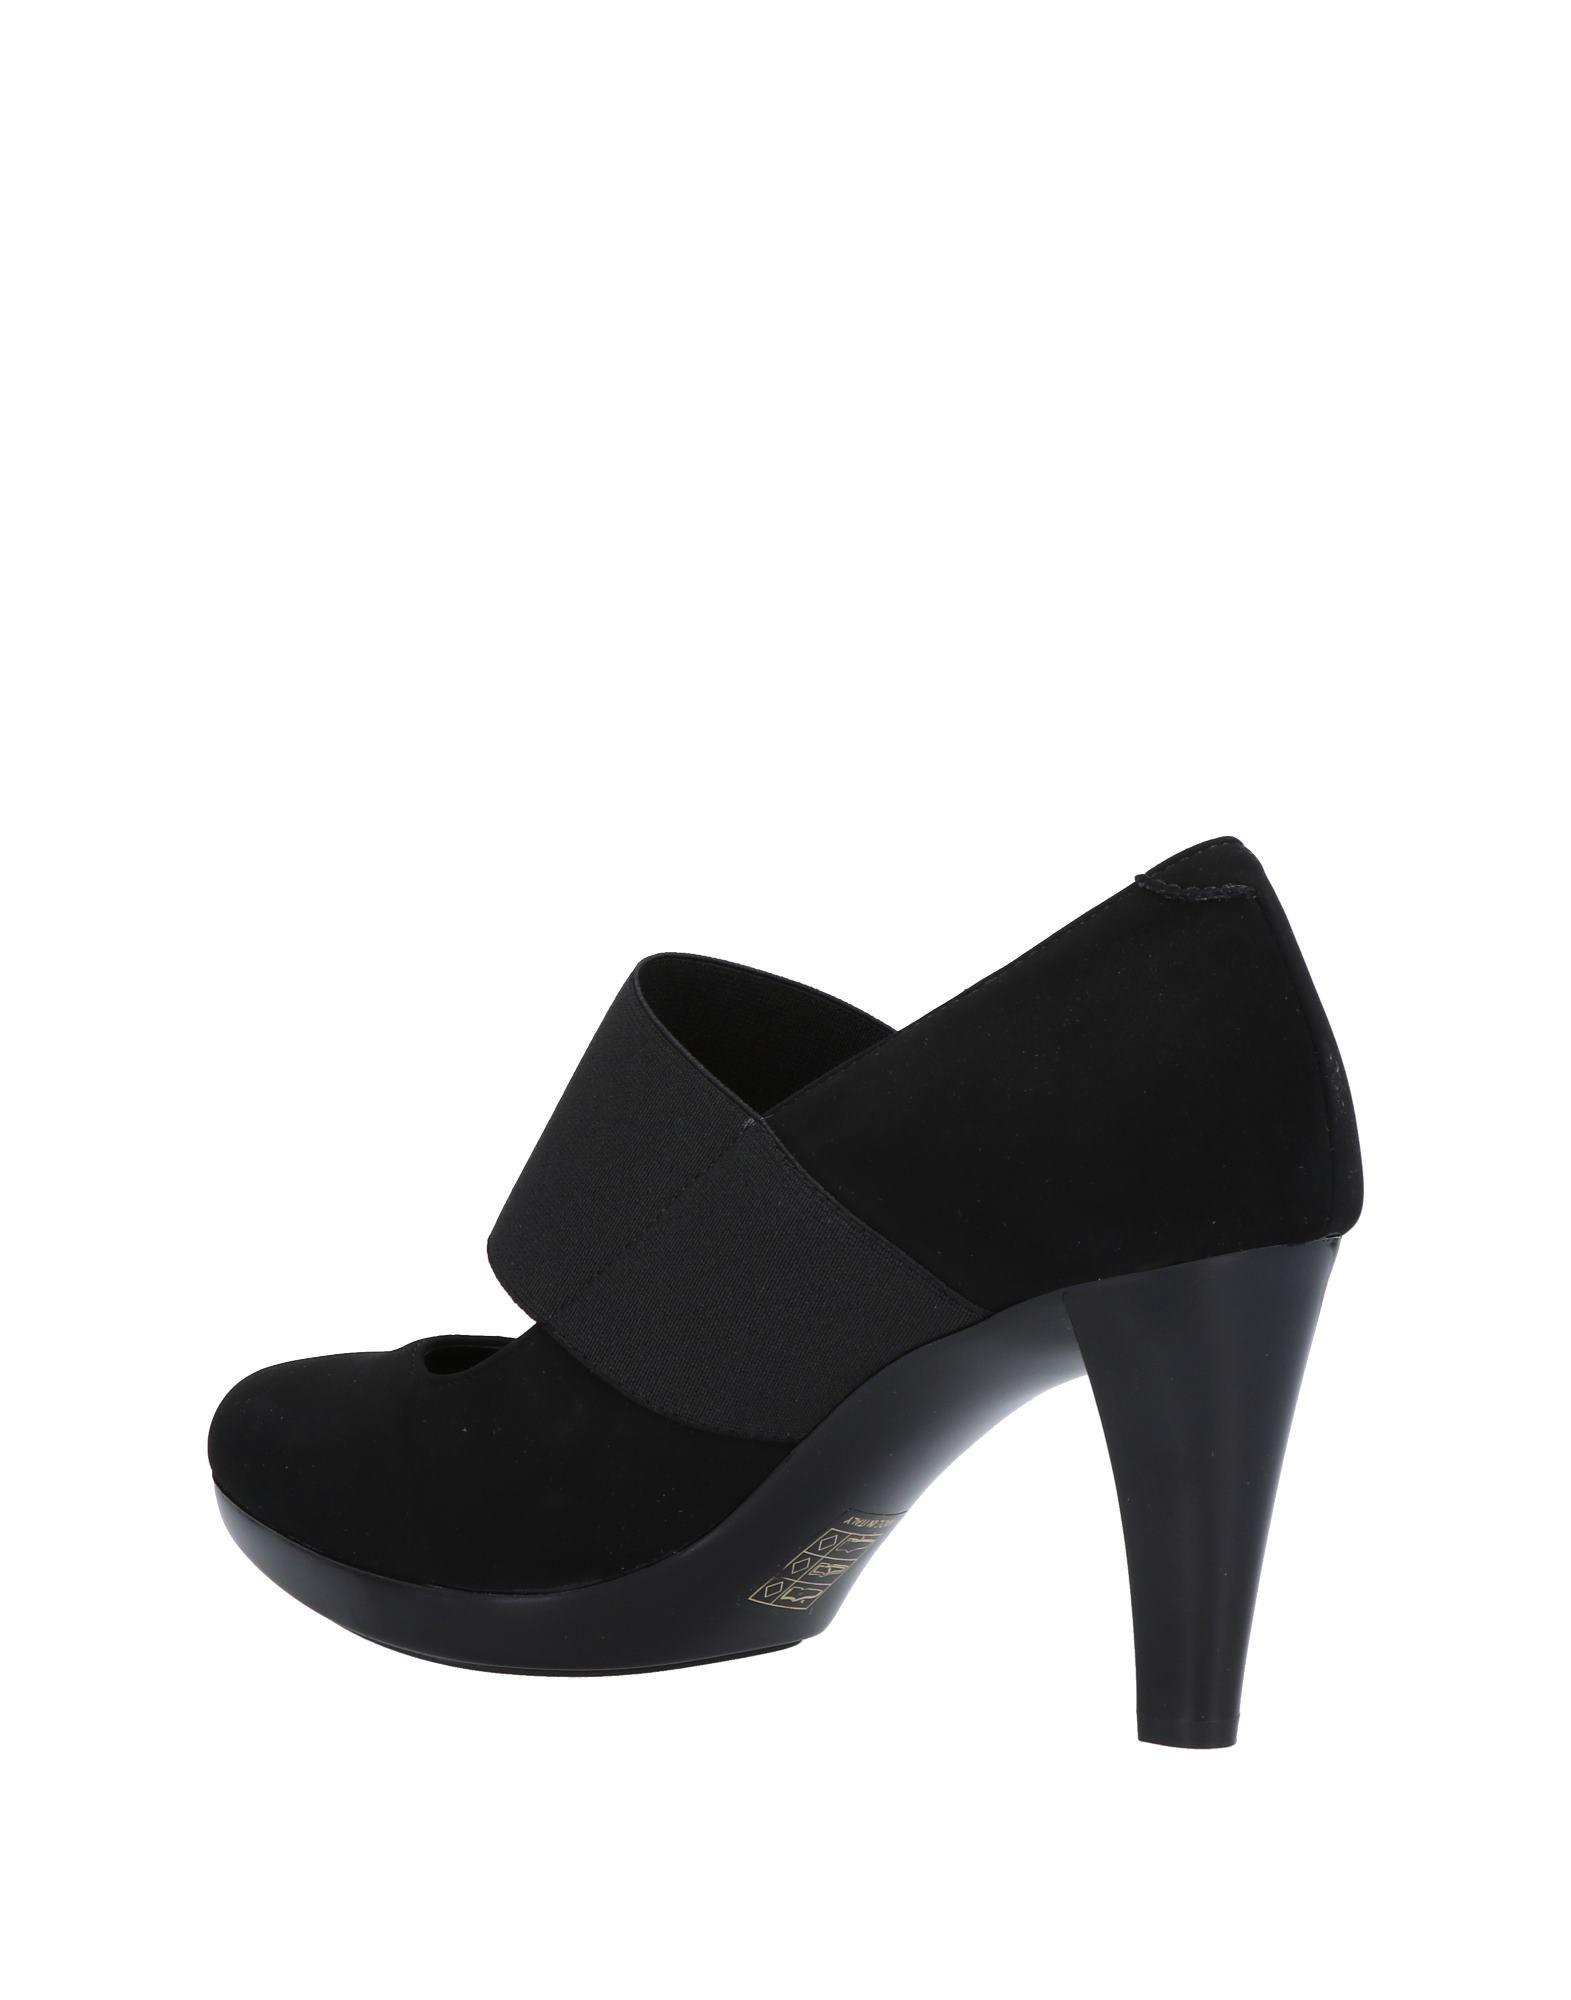 Nr Rapisardi Pumps Damen  Schuhe 11473976LK Gute Qualität beliebte Schuhe  30714d